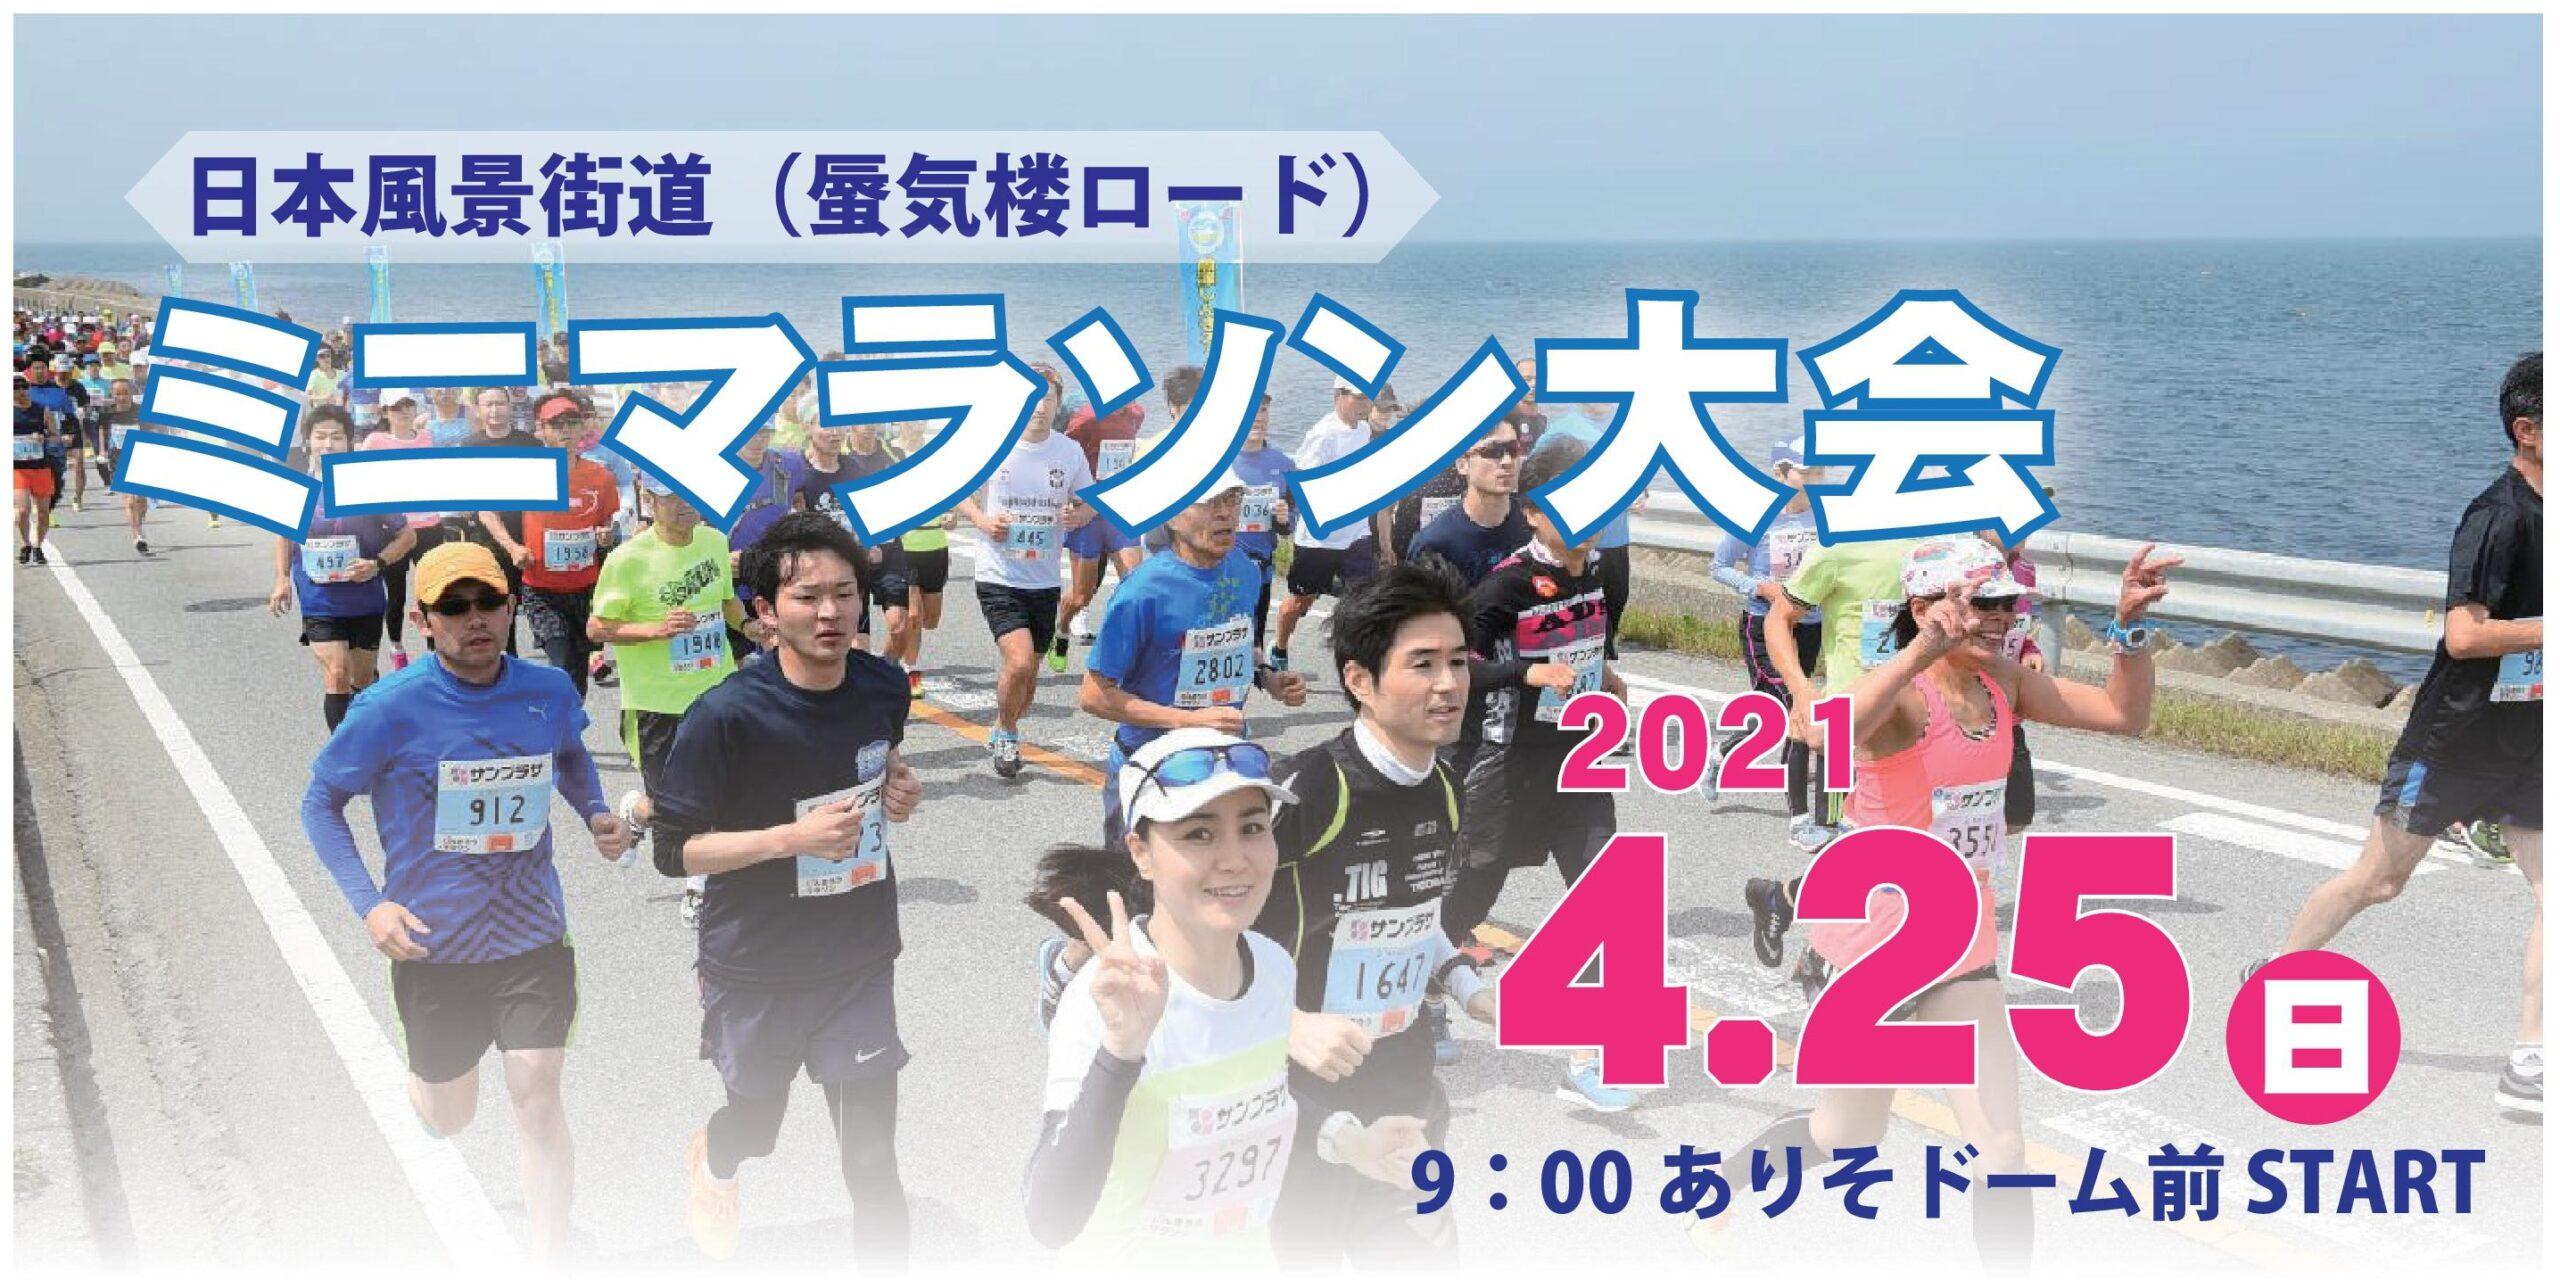 日本風景街道(蜃気楼ロード)ミニマラソン